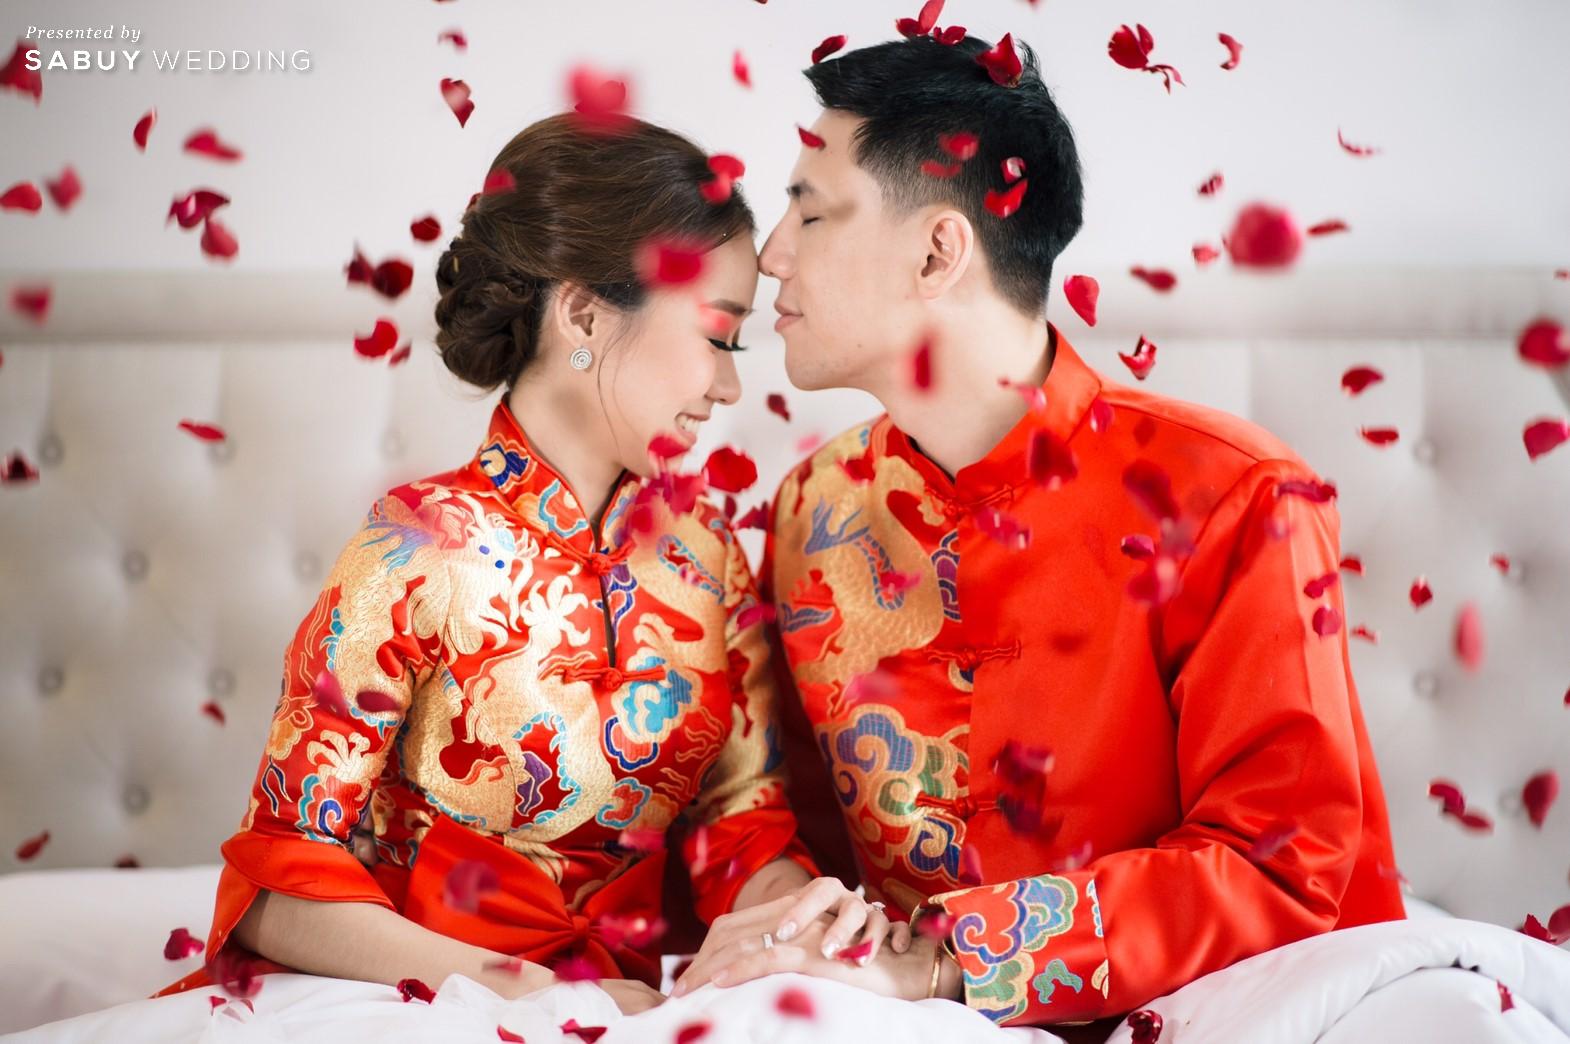 งานแต่งงาน รีวิวงานแต่งสวยวิ้ง ฟรุ้งฟริ้งฉบับงาน Customize @ Hotel Once Bangkok